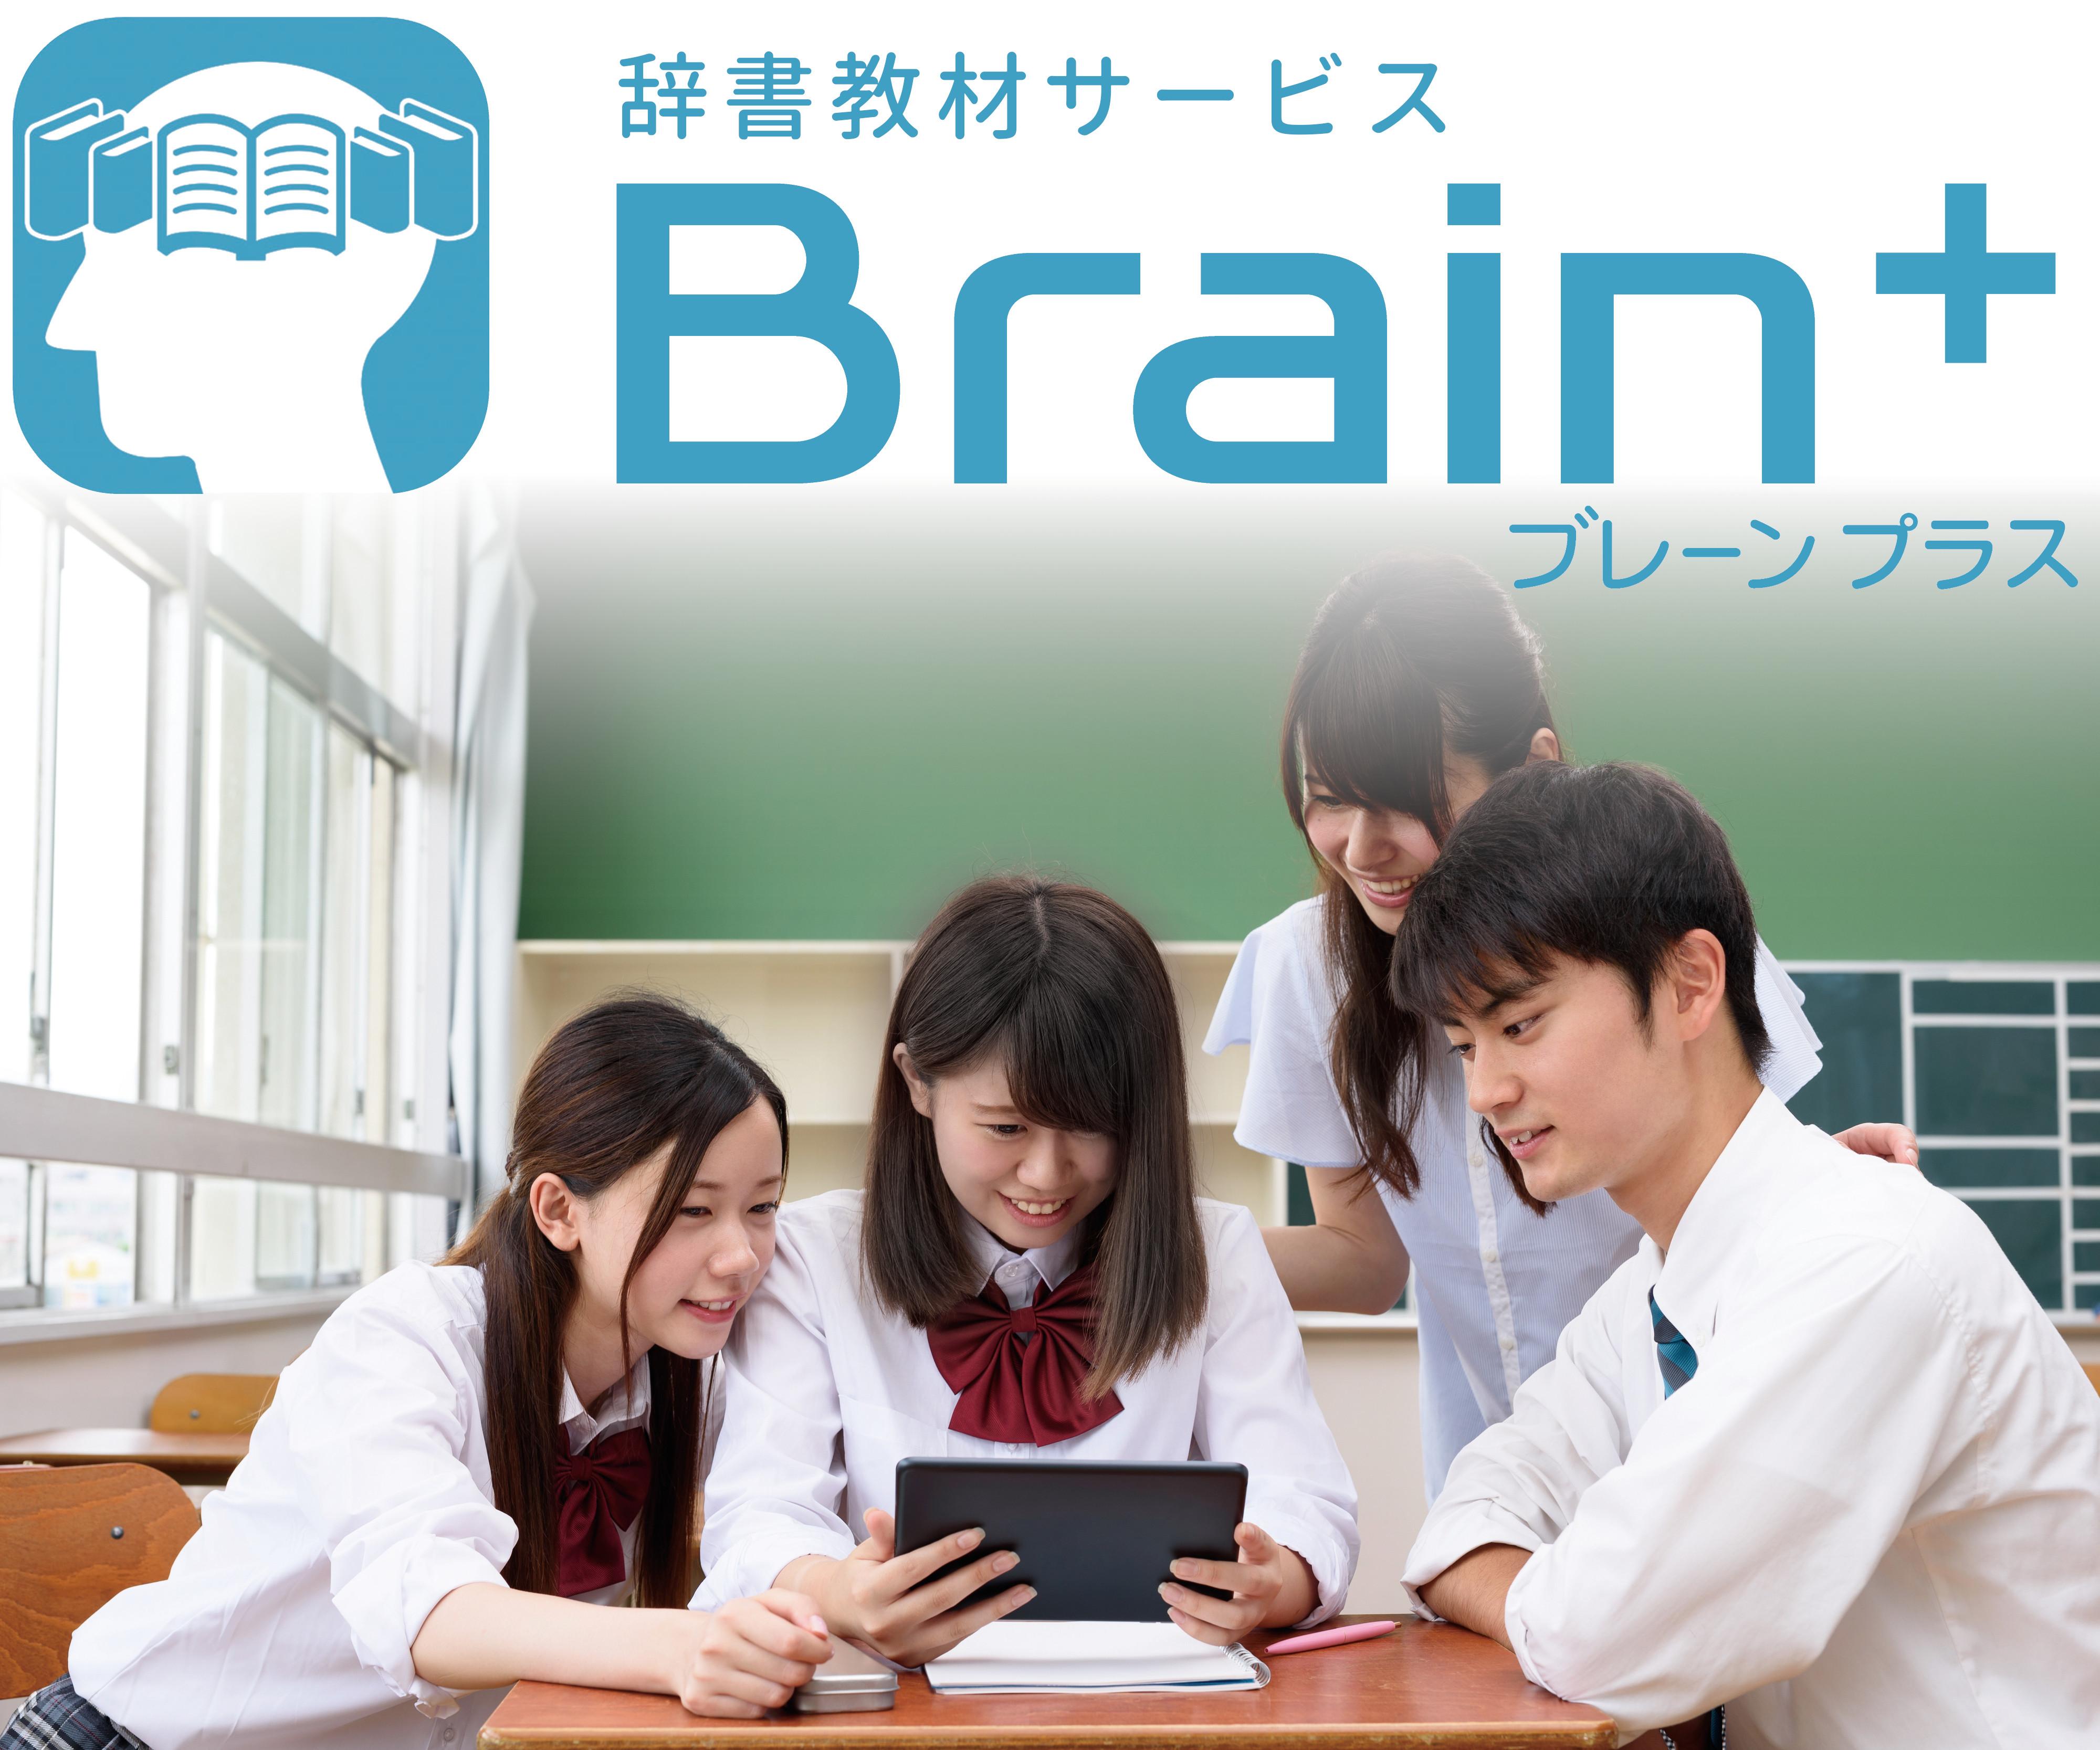 Brain+ bunner